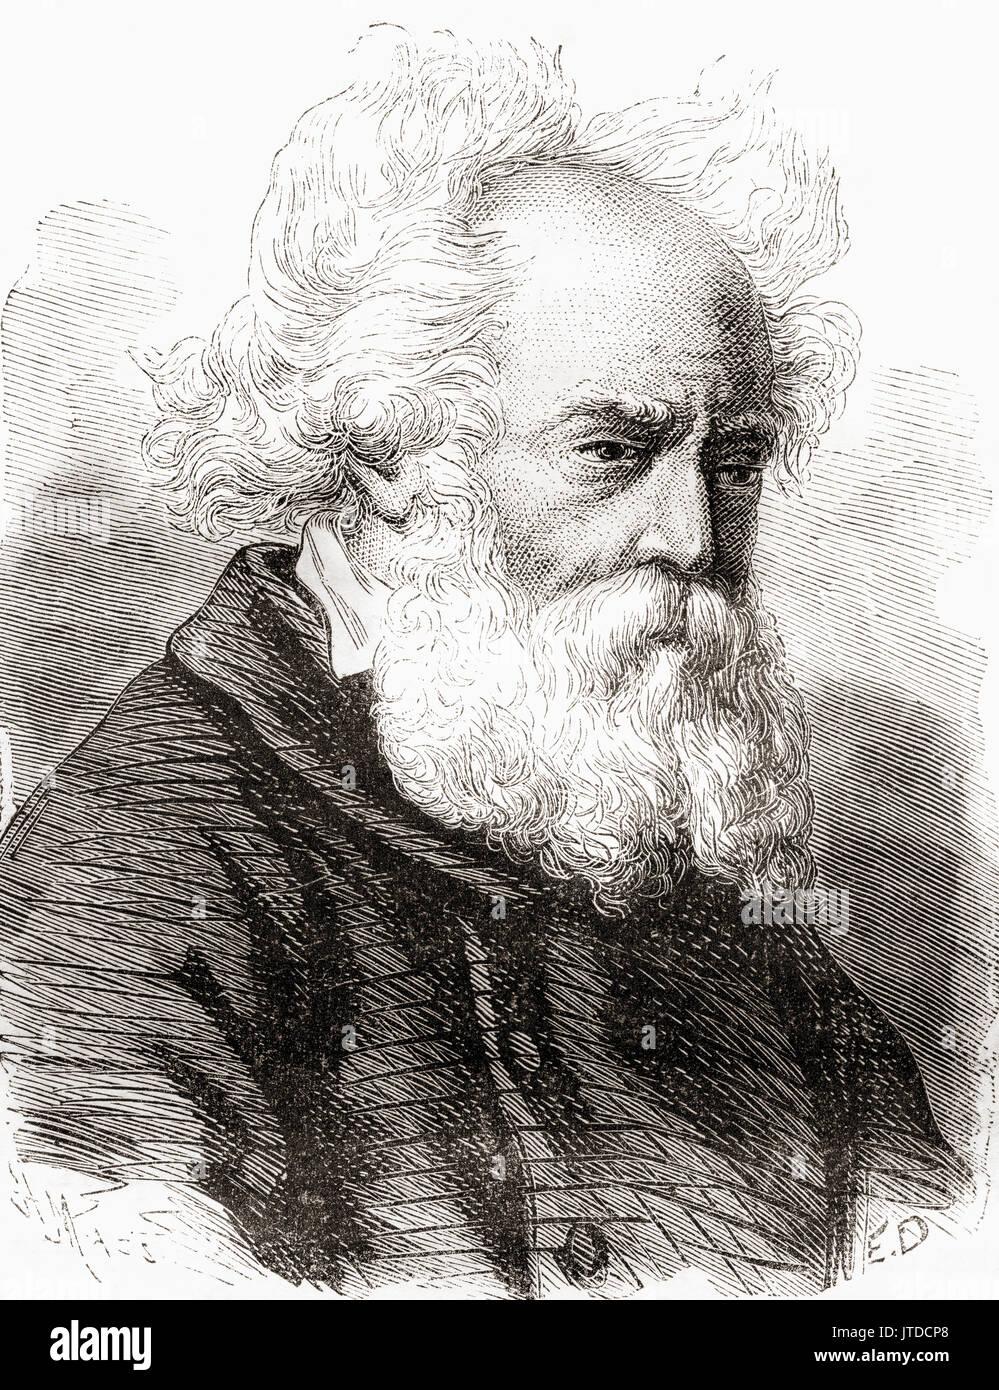 Frédéric Sauvage, 1786 - 1857. Barchetta francese builder che ha effettuato i primi test di tipo a vite eliche marine. Da Les Merveilles de la Science, pubblicato 1870. Immagini Stock